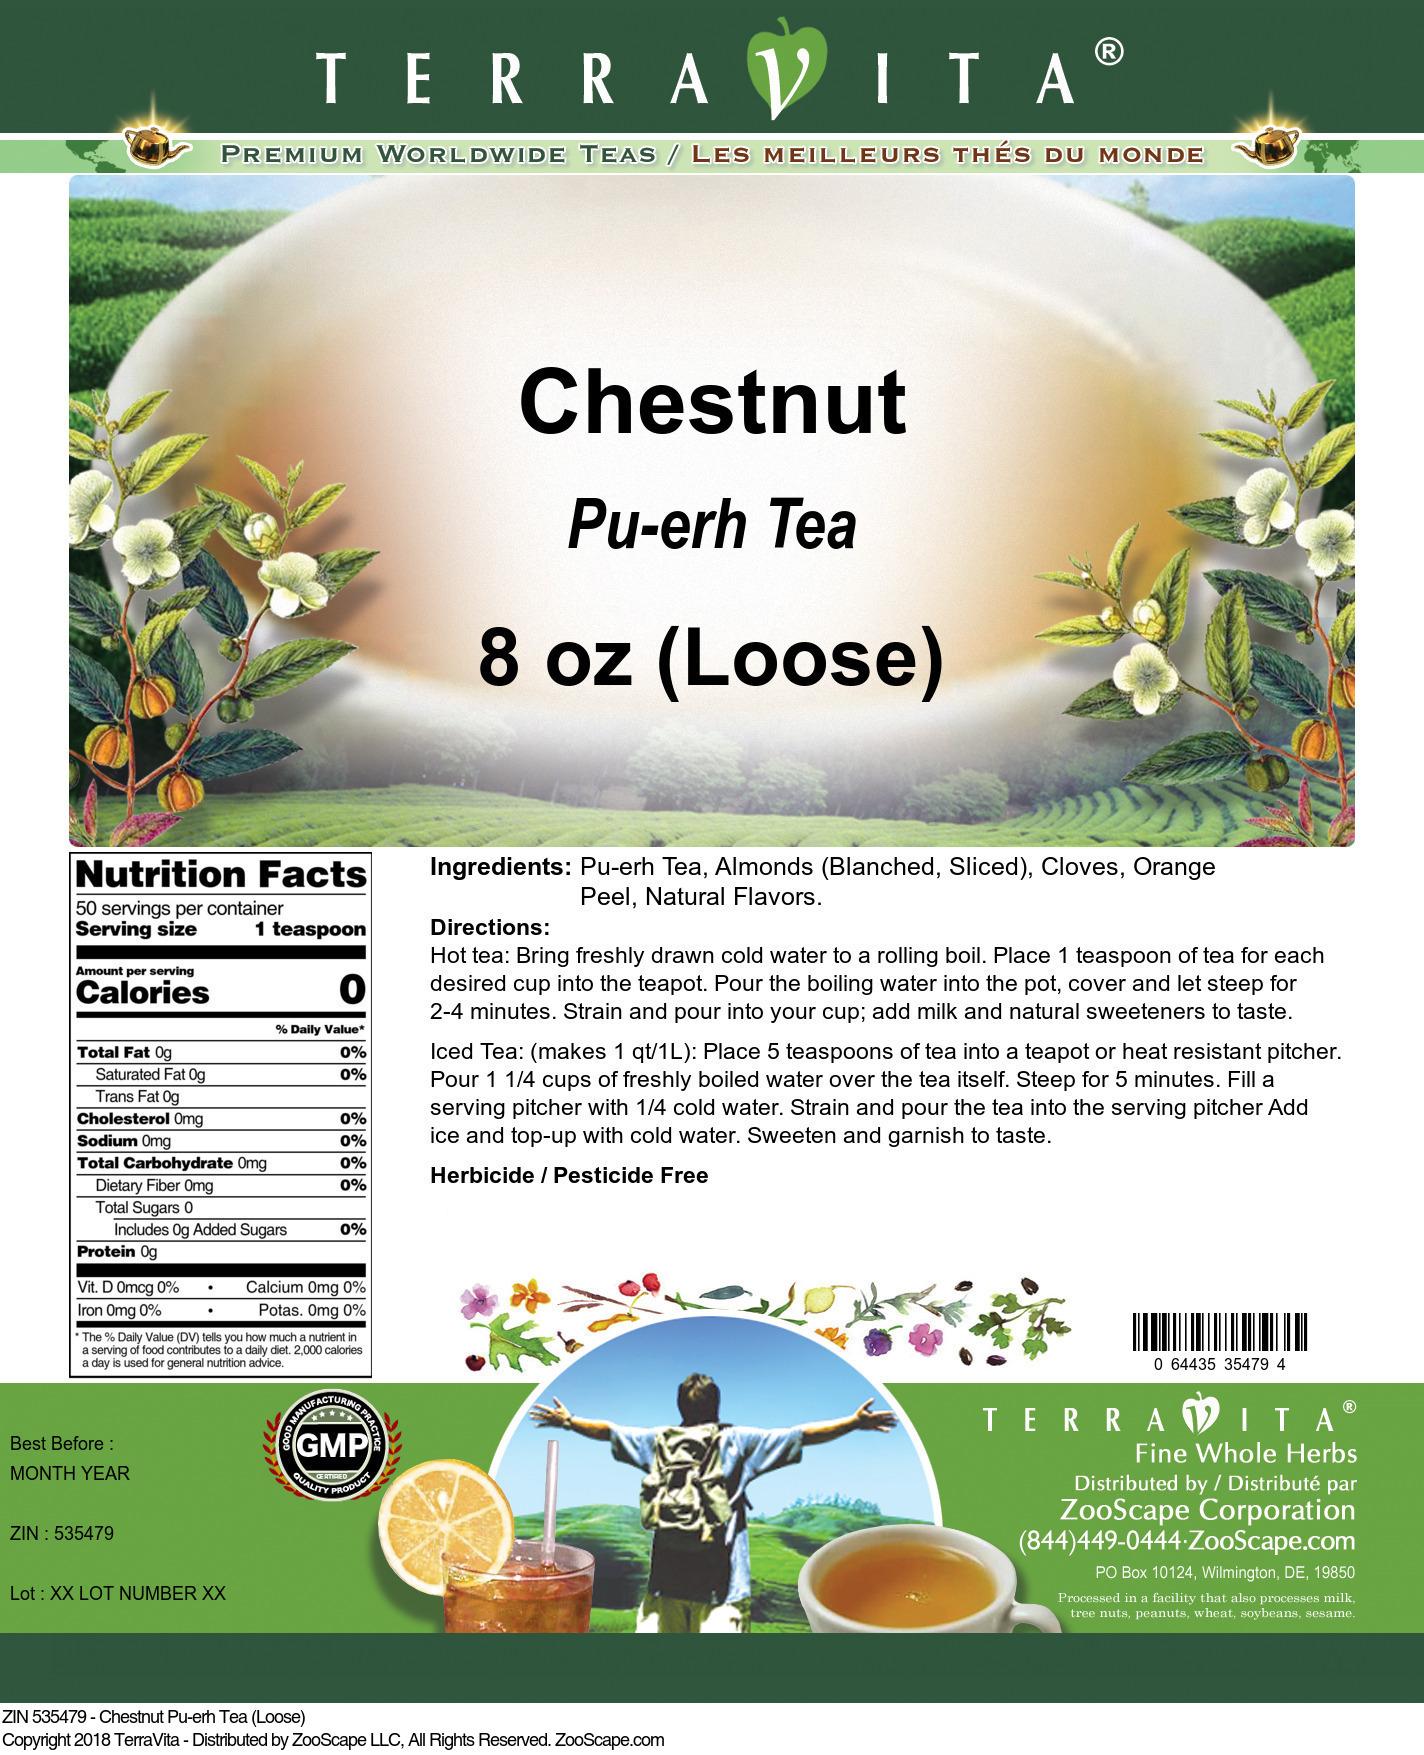 Chestnut Pu-erh Tea